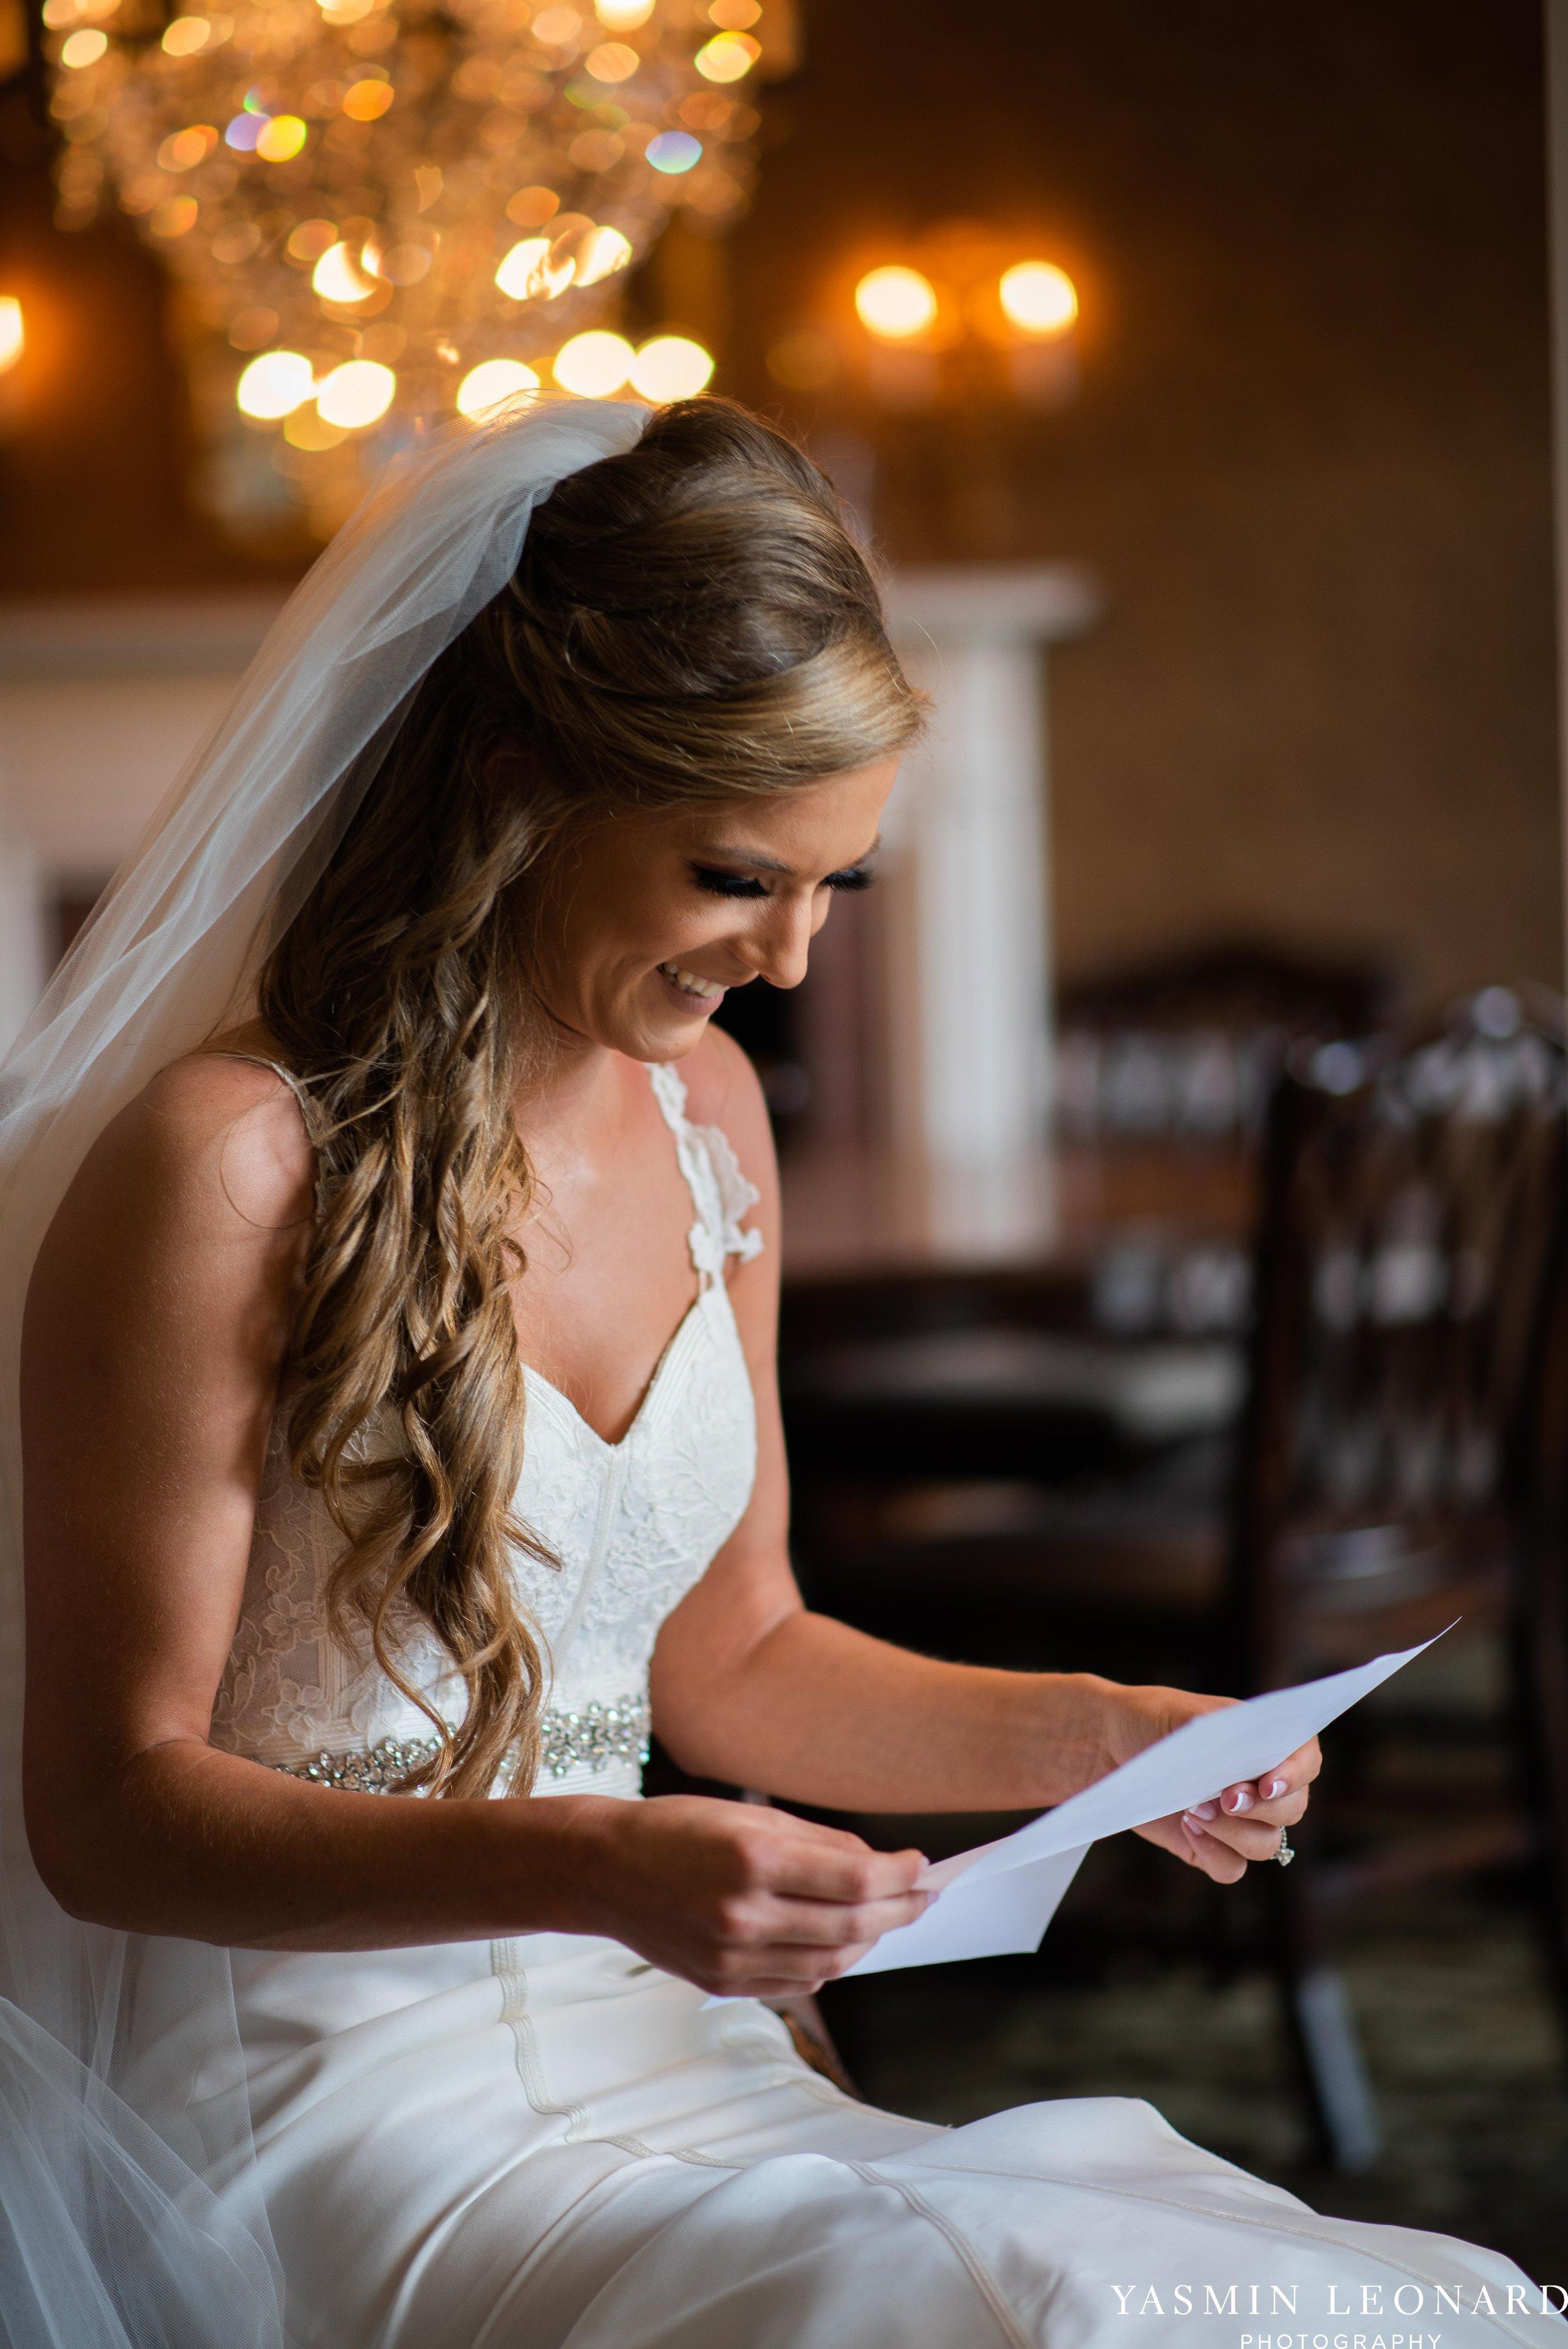 Boxwood Estate - Boxwood Estate Wedding - Luxury Wedding - Black and White Wedding - NC Wedding Venues - NC Weddings - NC Photographer - Lantern Release Grand Exit - Large Wedding Party - Yasmin Leonard Photography-8.jpg